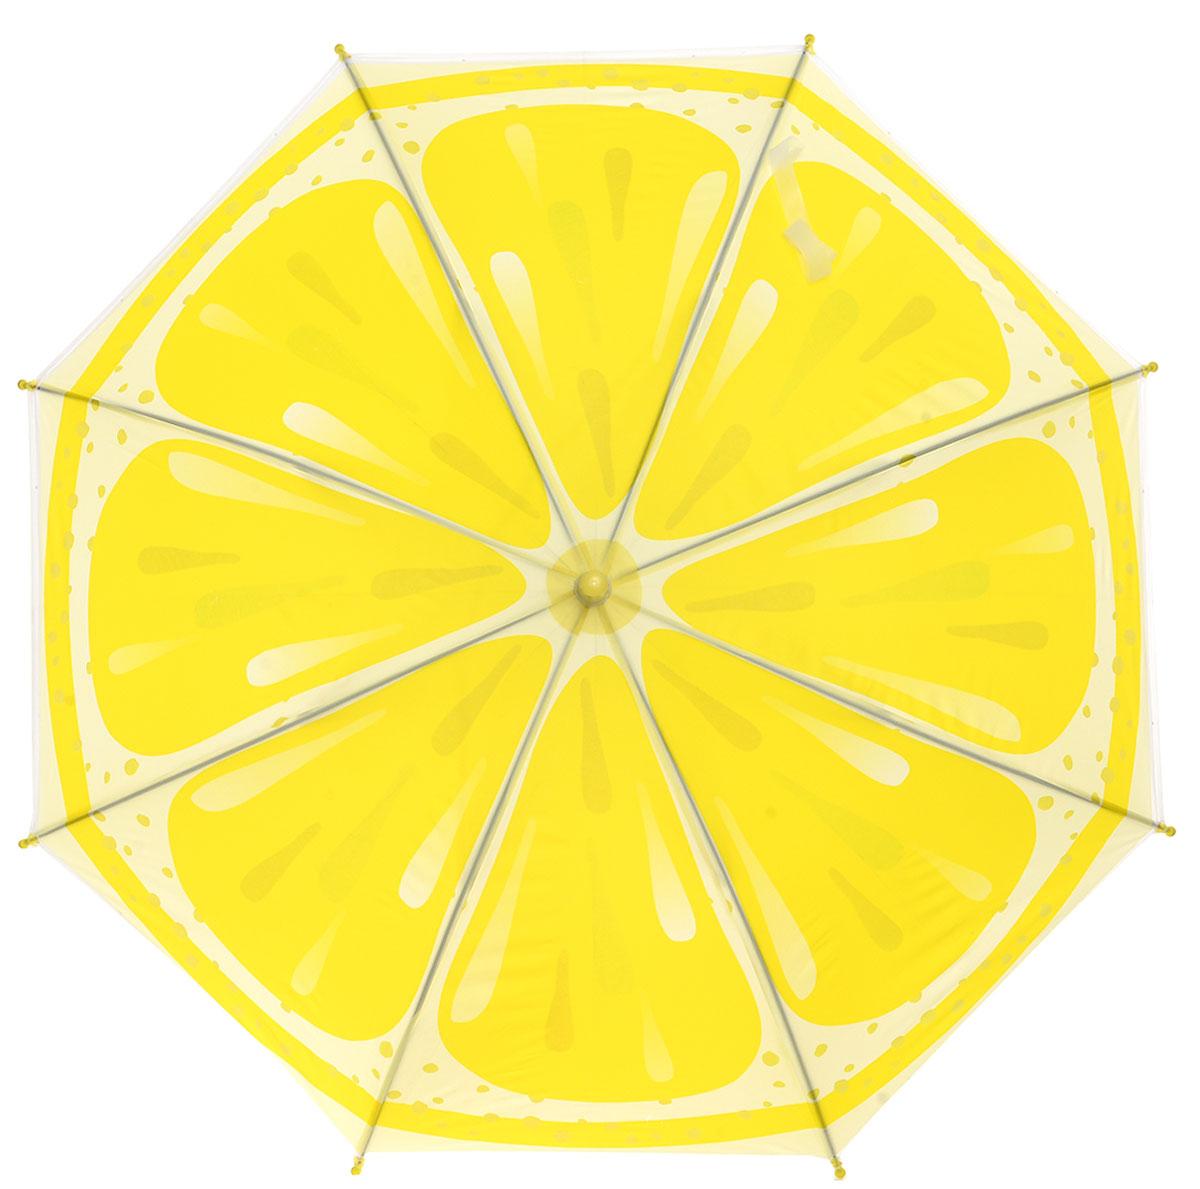 Зонт детский Mitya Veselkov, цвет: желтый. ZONT-LEMONZONT-LEMONДетский зонтик с металлическими спицами станет замечательным подарком для вашей малышки и защитит ее не только от дождя, но и от солнца. Благодаря легкому механизму ребенок самостоятельно сможет открывать и закрывать зонтик нажатием кнопки.